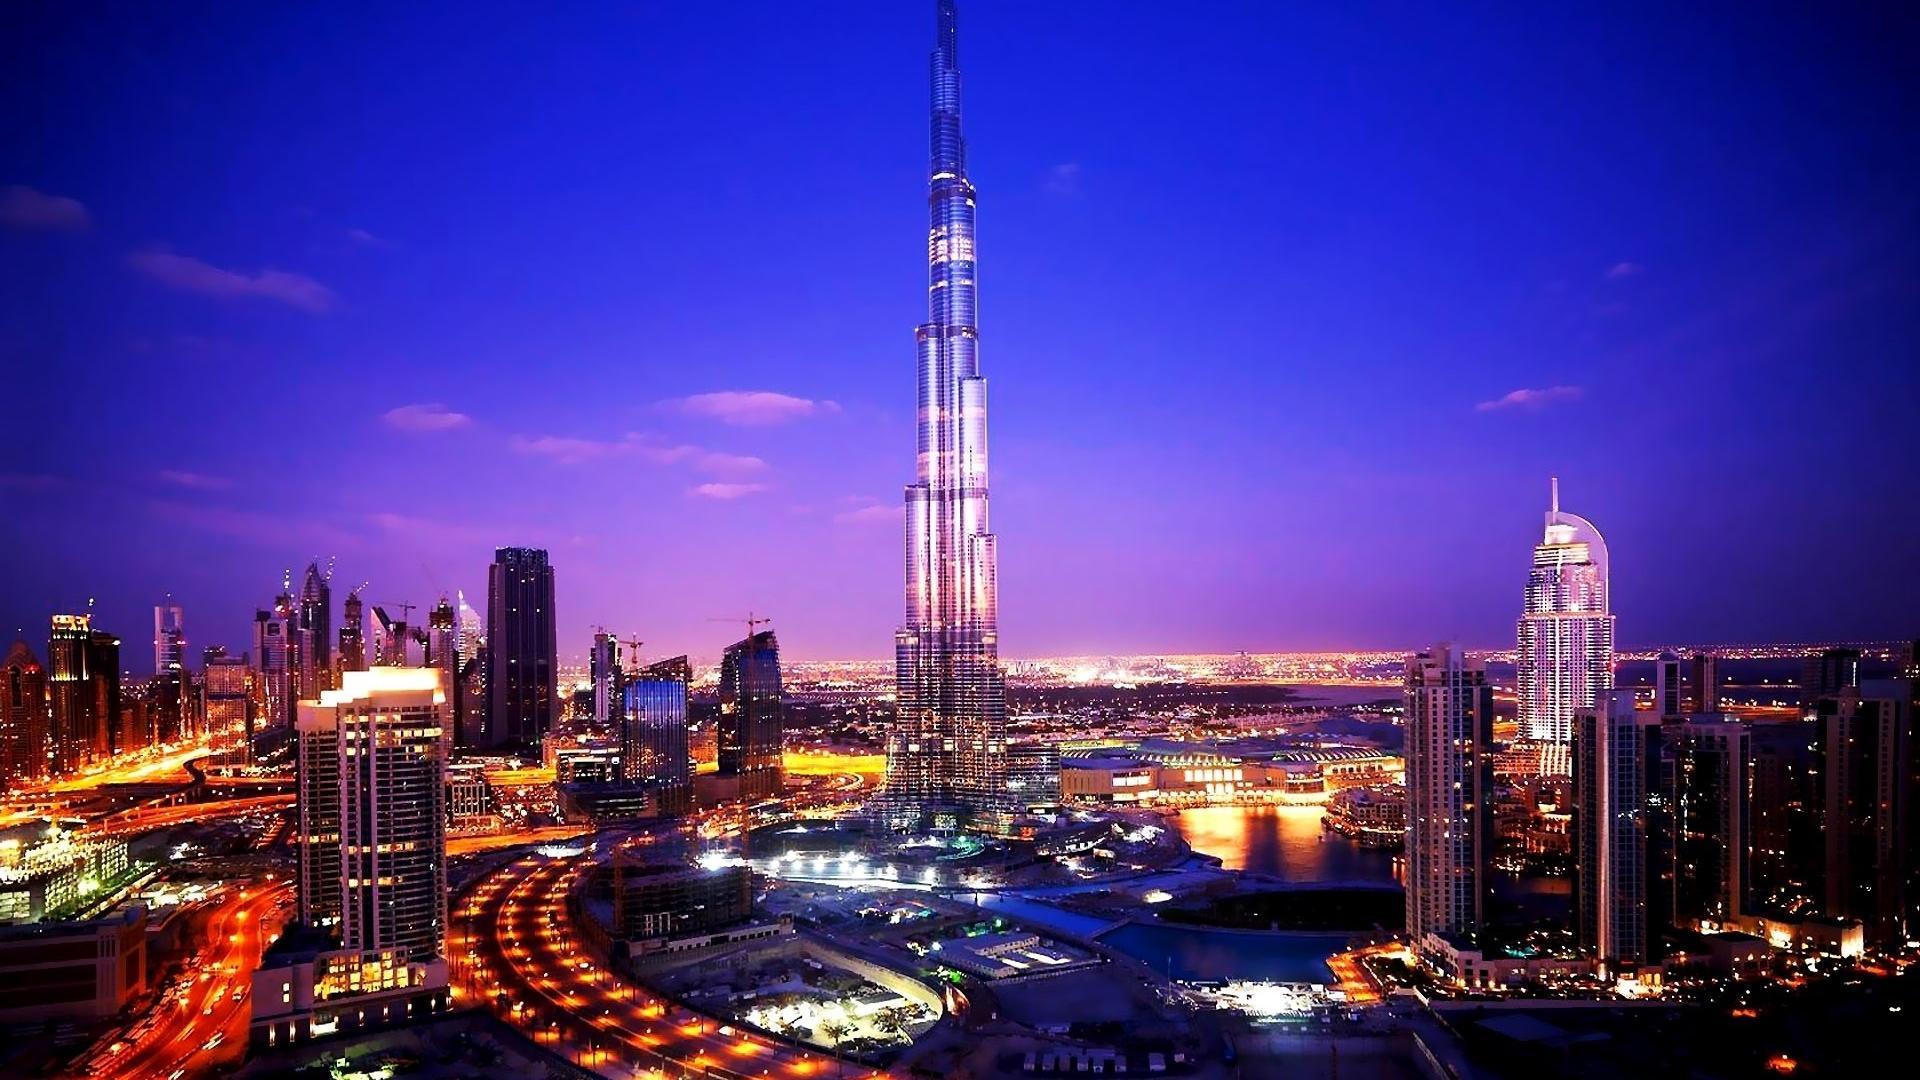 توقع تراجع إيجارات العقارات السكنية في دبي